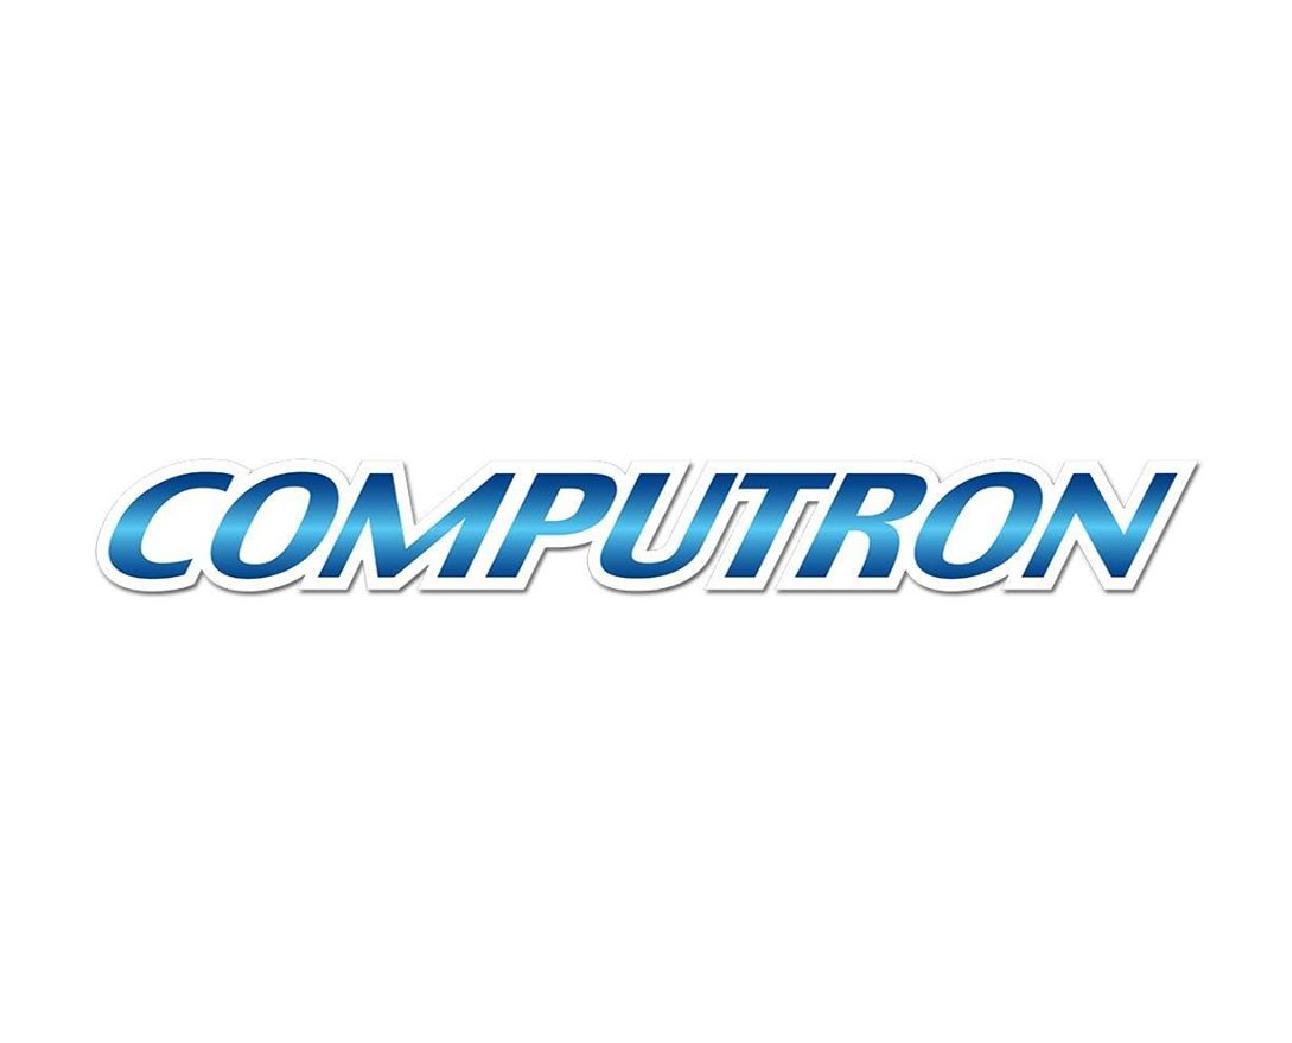 logos-bankard_logo_Computron